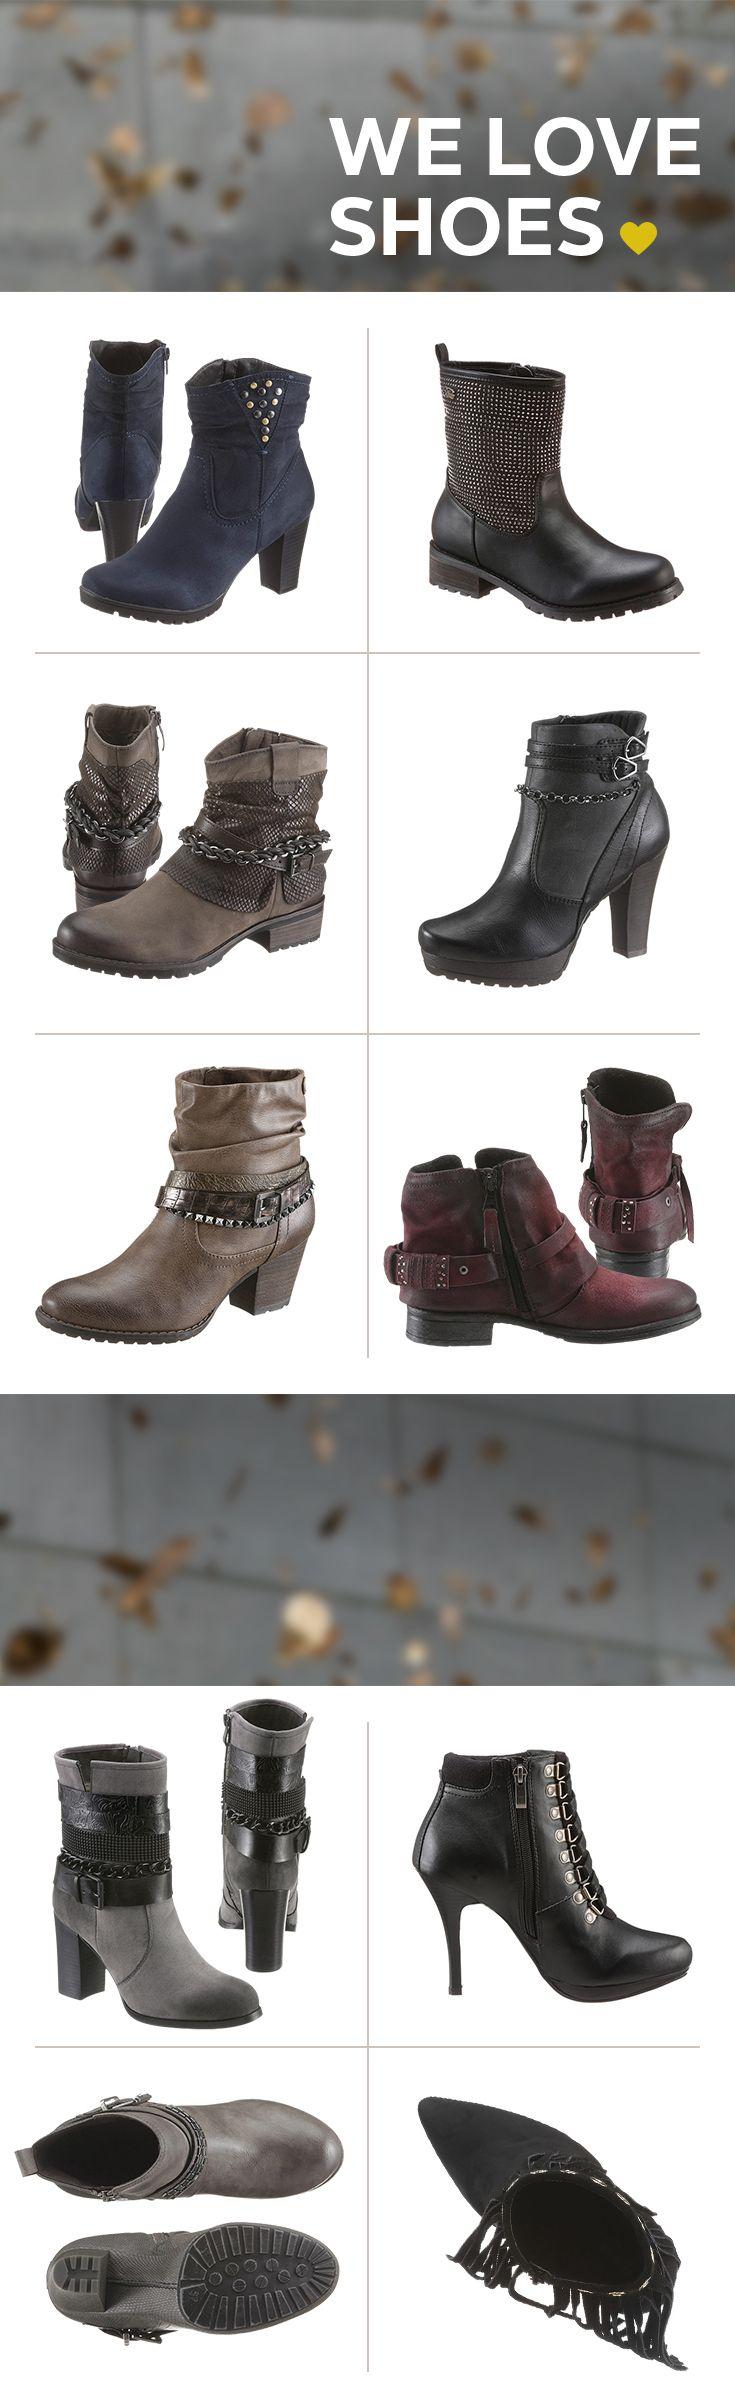 Habt ihr schon eure Schuh-Lieblinge für Herbst  und Winter gefunden? Unser Tipp: Stiefeletten  und Boots in allen erdenklichen Styles – ob filigran  oder grob, spitz oder rund, mit Stiletto- oder  Blockabsatz, dezent oder mit tollen Details.   Entdeckt jetzt unsere abwechslungsreichen Schuh- Highlights und schreitet stilsicher durch den Herbst!